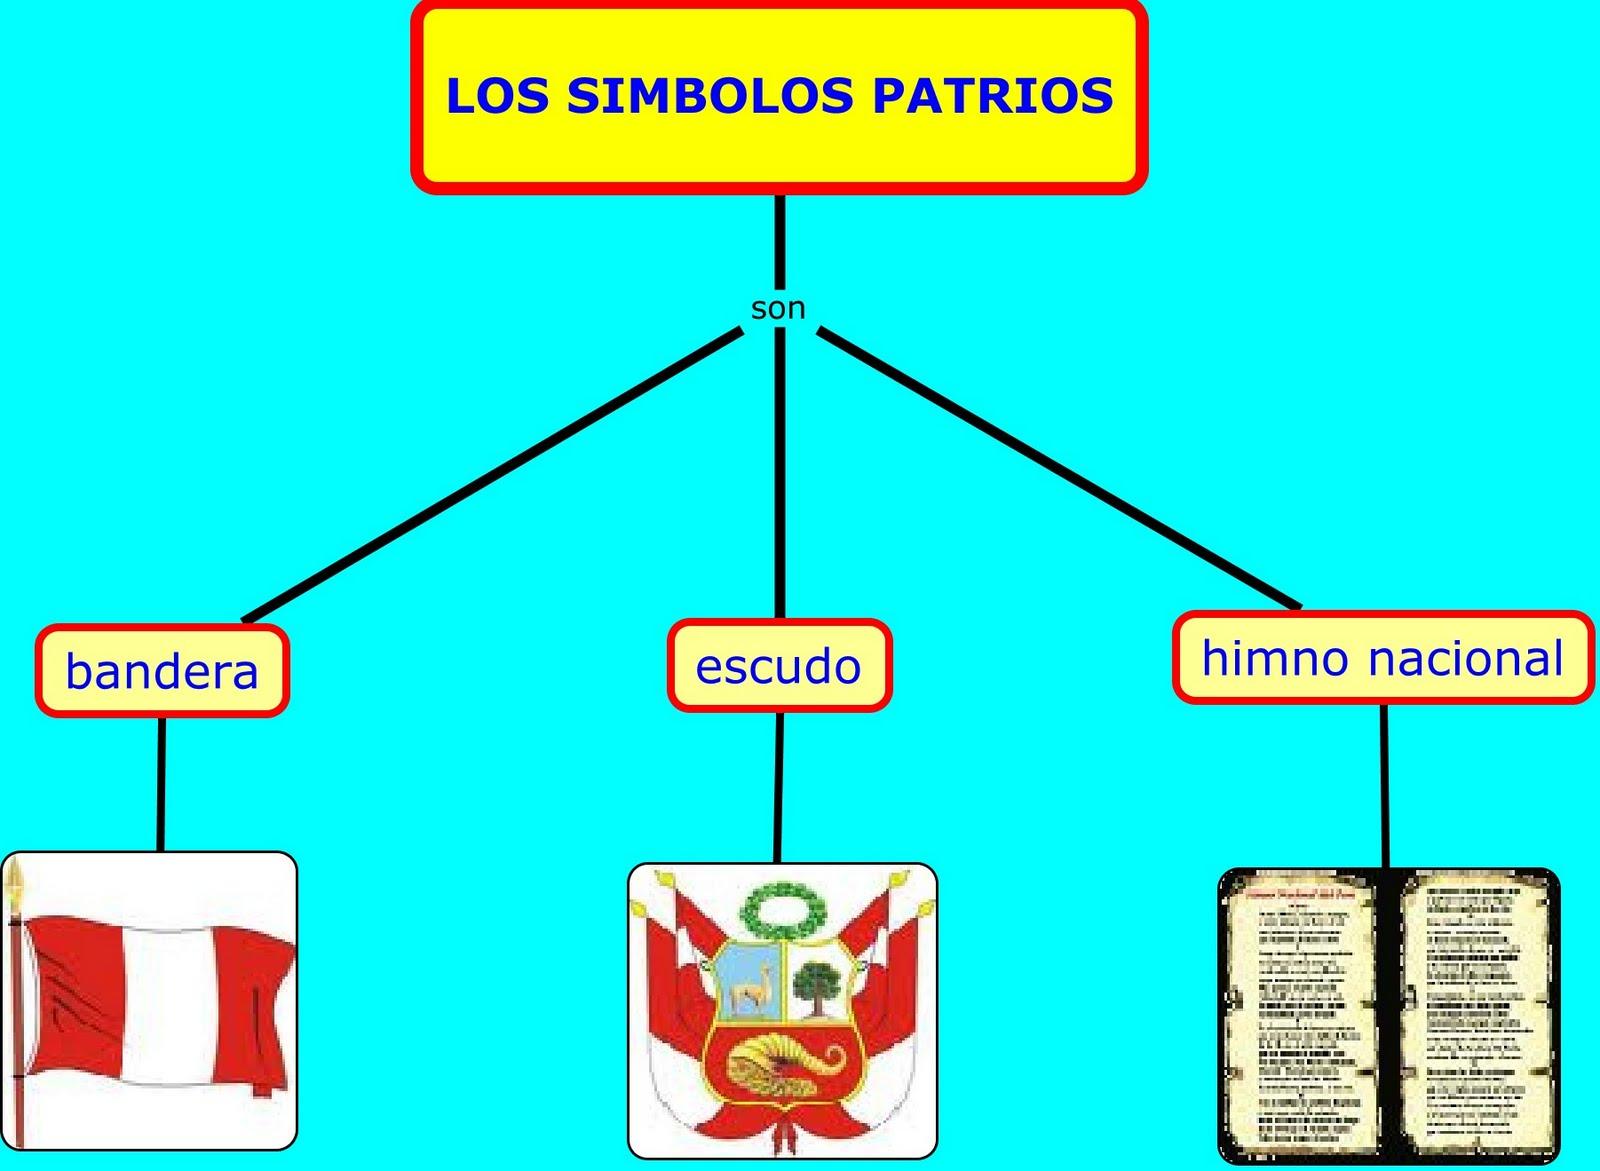 Los Simbolos Patrios O Simbolos Nacionales Son Aquellos Simbolos Que